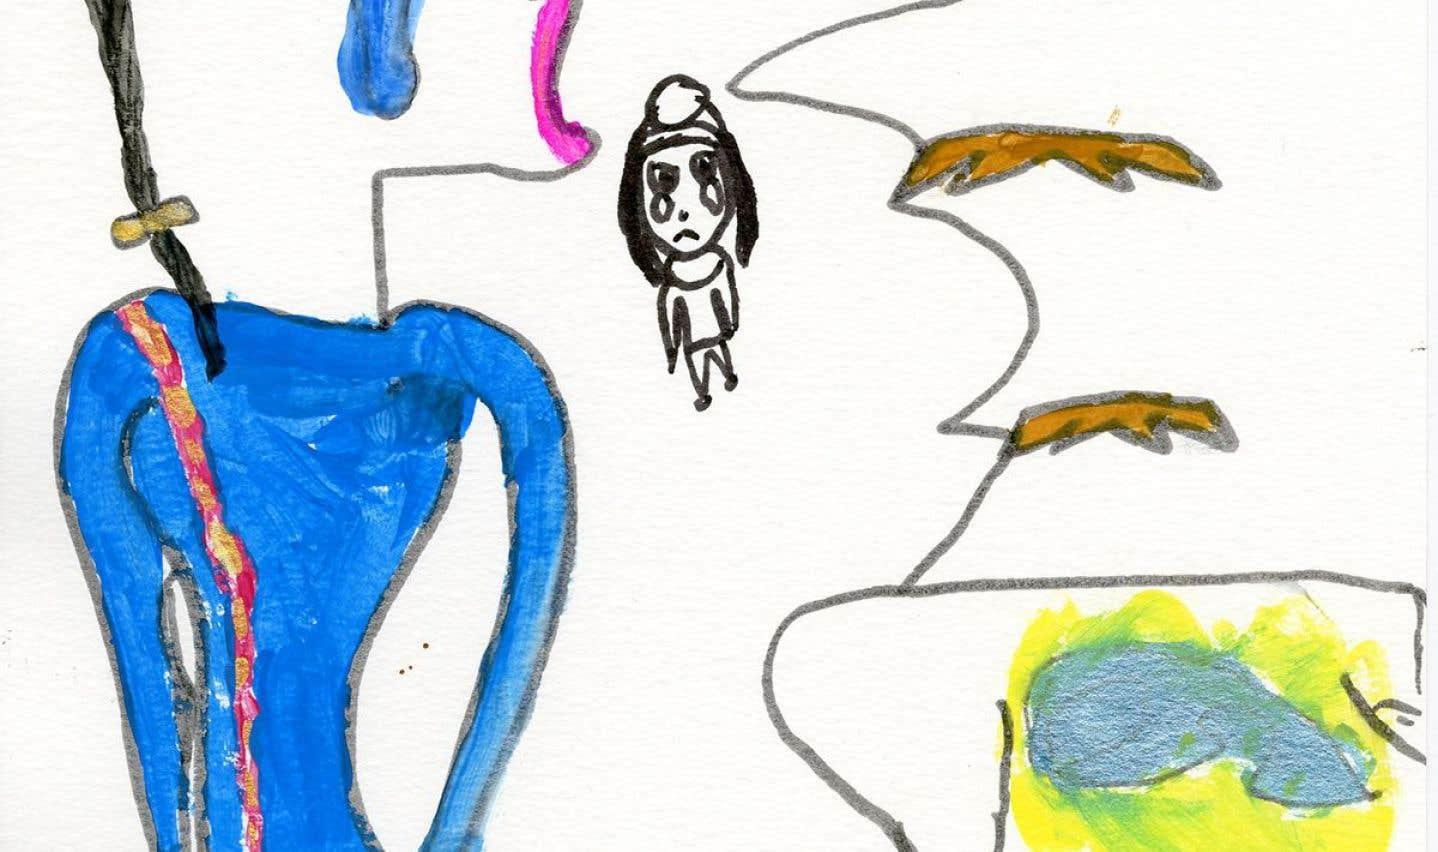 Dessin réalisé par un enfant de 5e année dans le cadre du projet «Ateliers de création auprès d'enfants: miser sur leurs conceptions de la violence conjugale et de ses solutions pour l'élaboration d'une stratégie préventive».